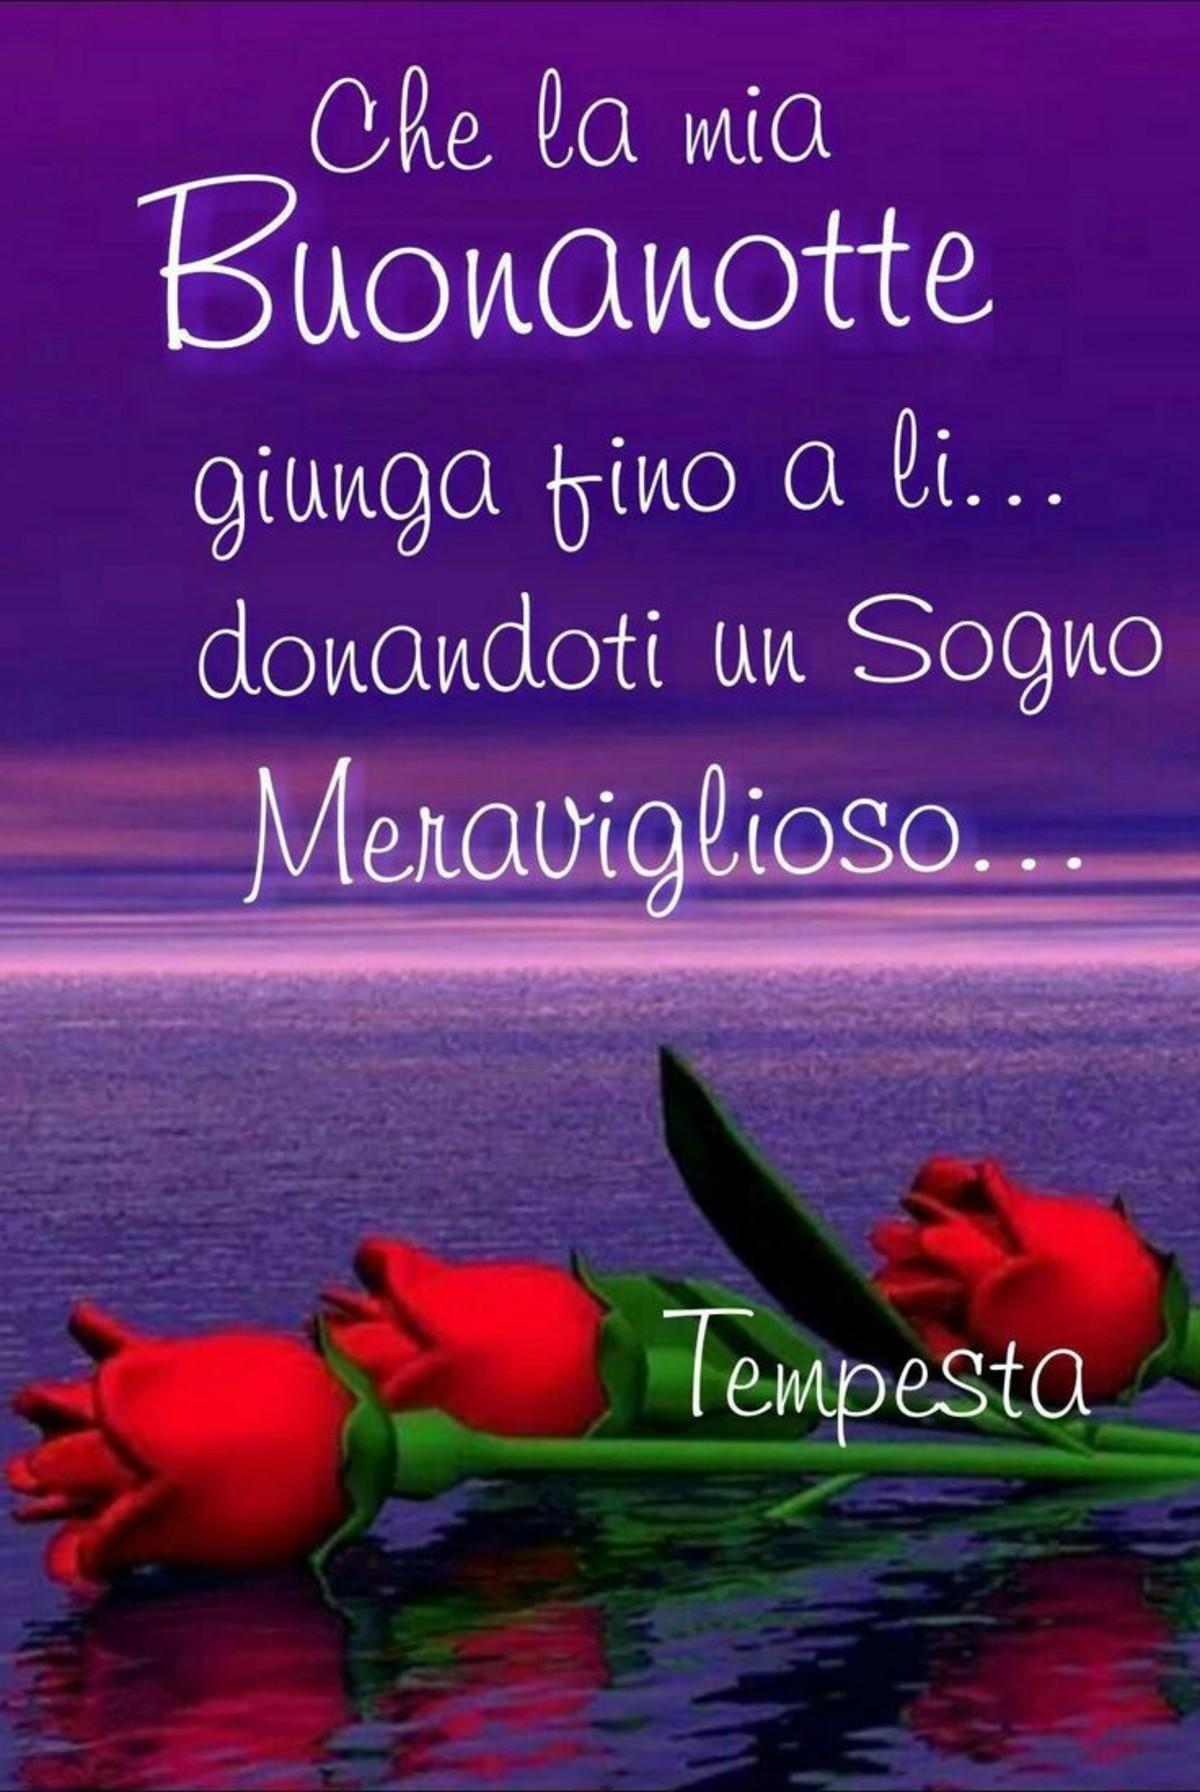 Buonanotte Amore Mio 3332 Bellissimeimmagini It